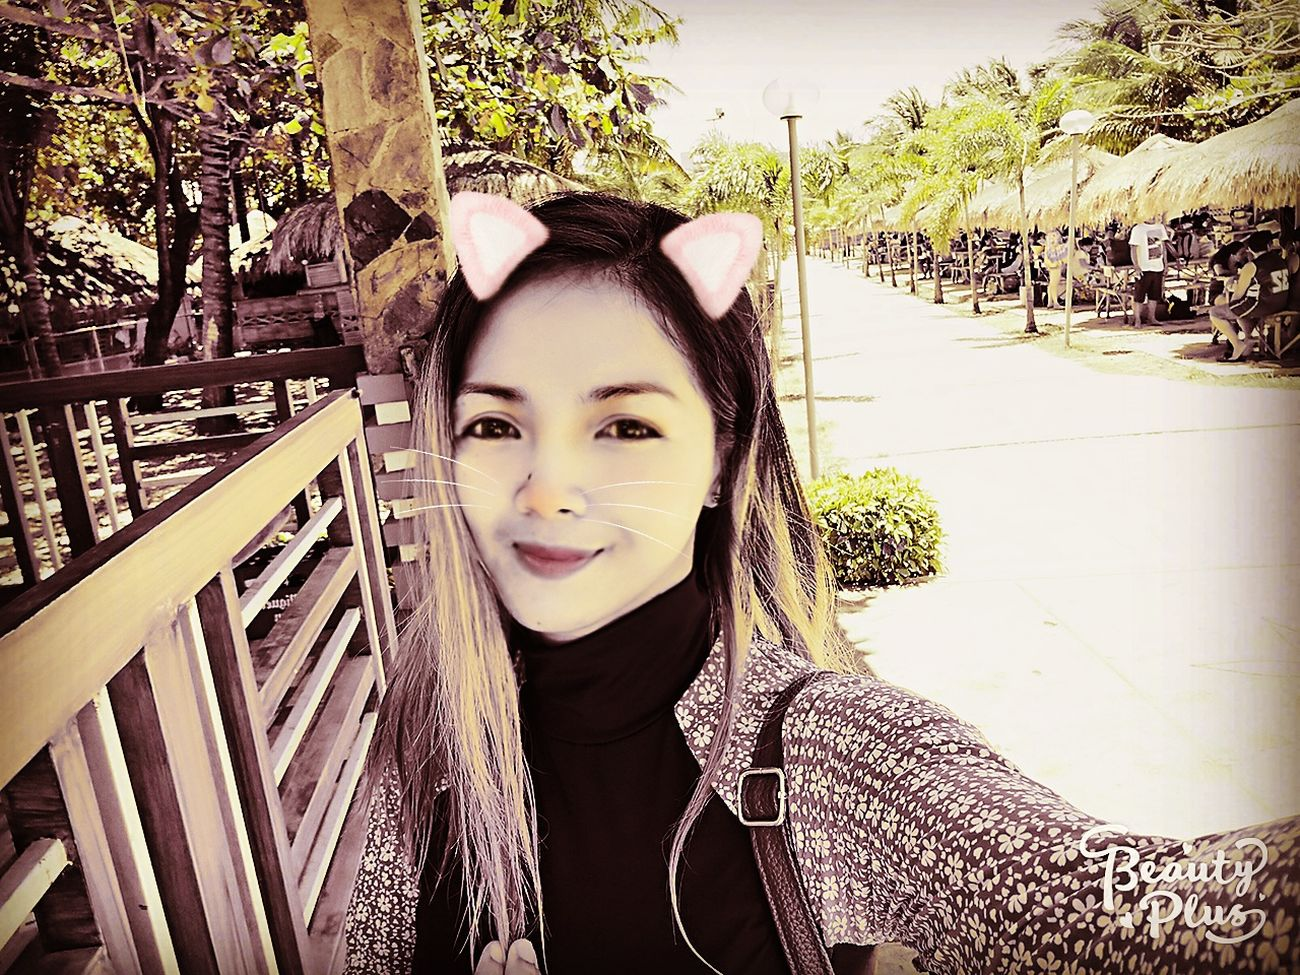 Sooo Cute😍 Selfie✌ Outdoors❤ Sooomeee😘 LoveYourSelf ♥ Memyselfandi<3 Huaweiphotography